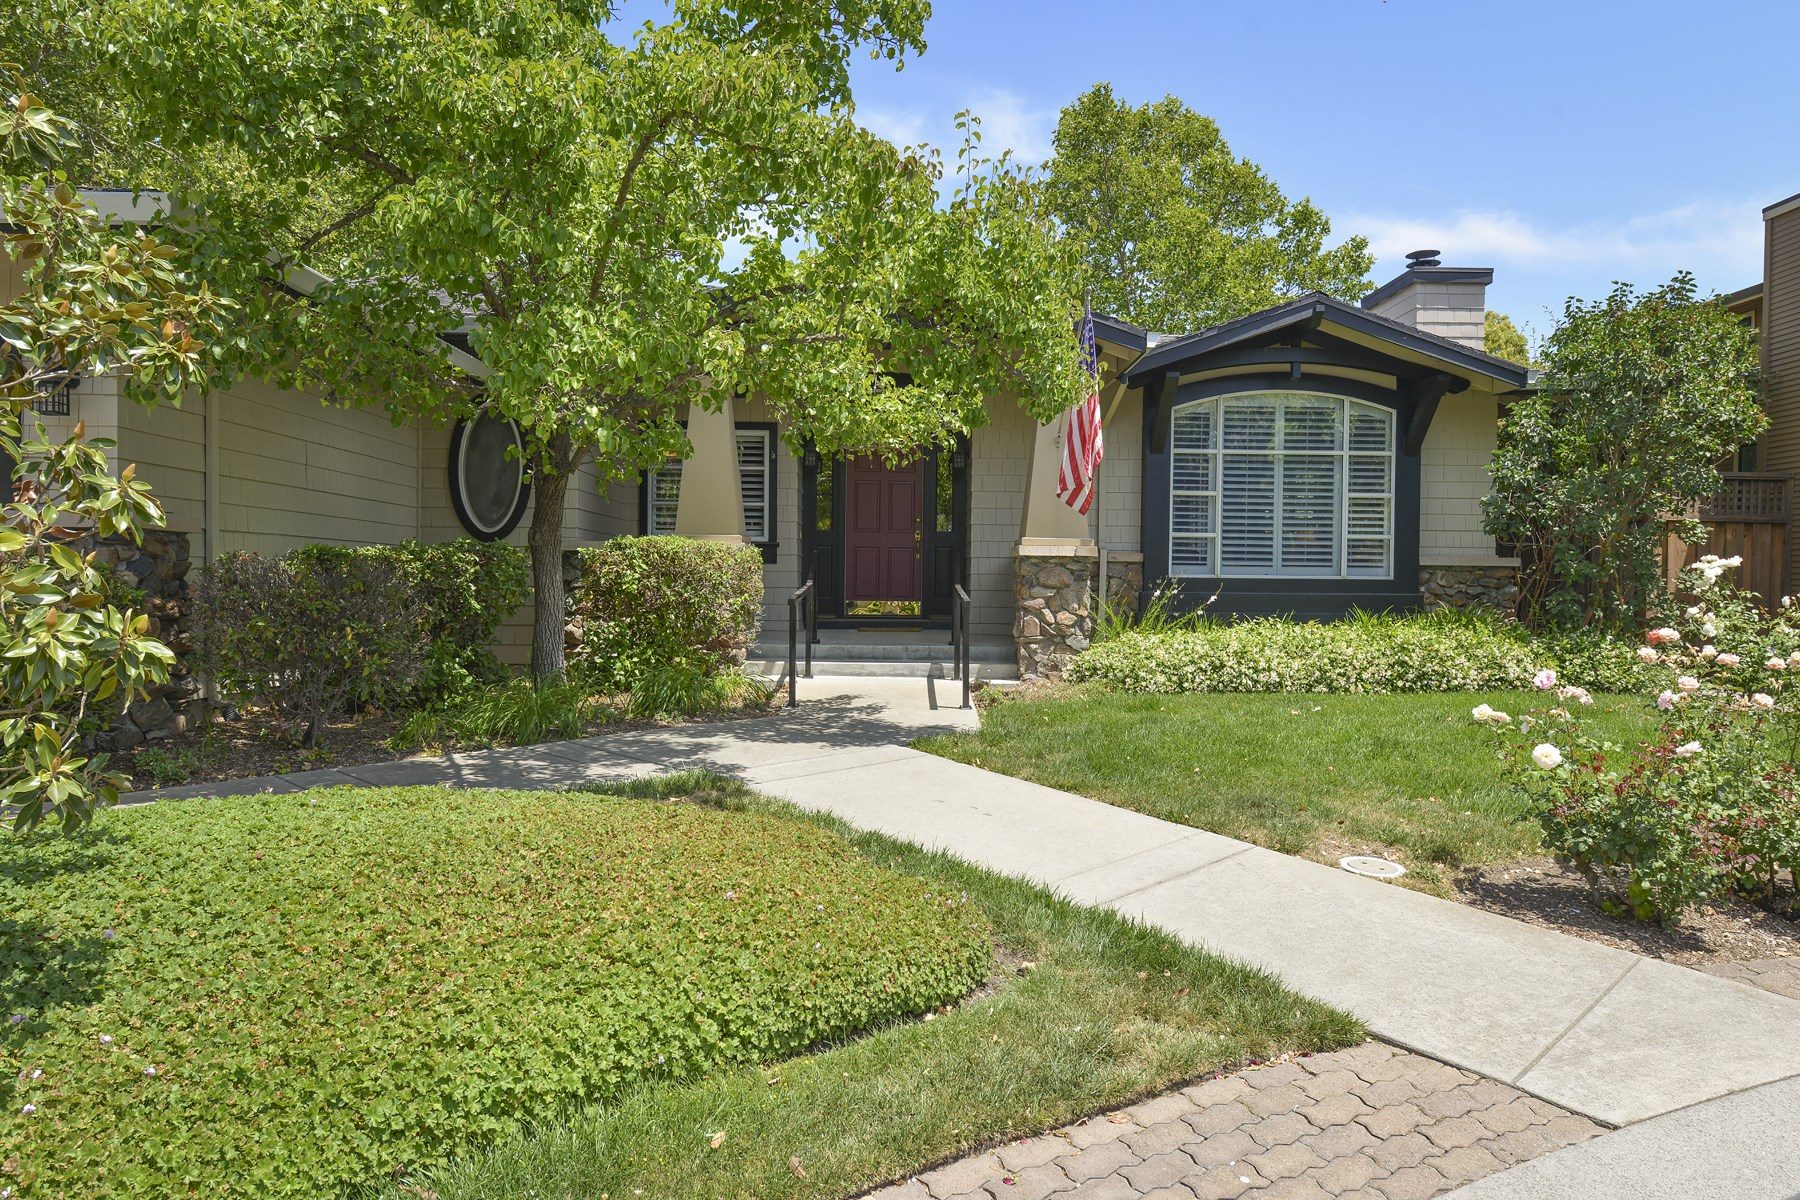 Maison unifamiliale pour l Vente à Yountville Heritage Estates Home 6 Harvest Ct Yountville, Californie 94599 États-Unis